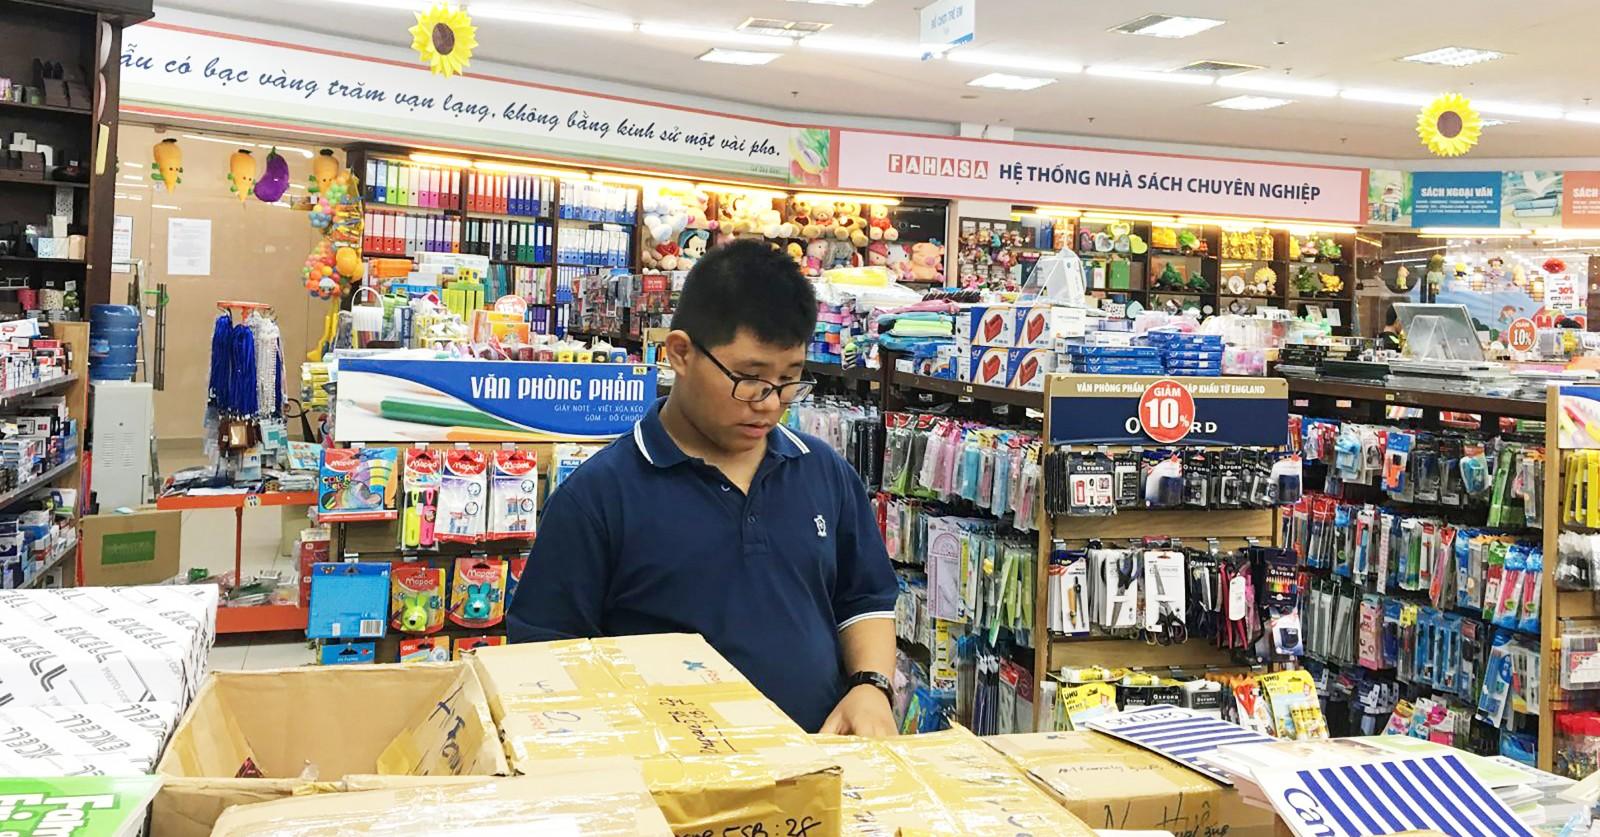 Khách hàng chọn mua dụng cụ học tập tại Nhà sách Fahasa Hòa Bình.